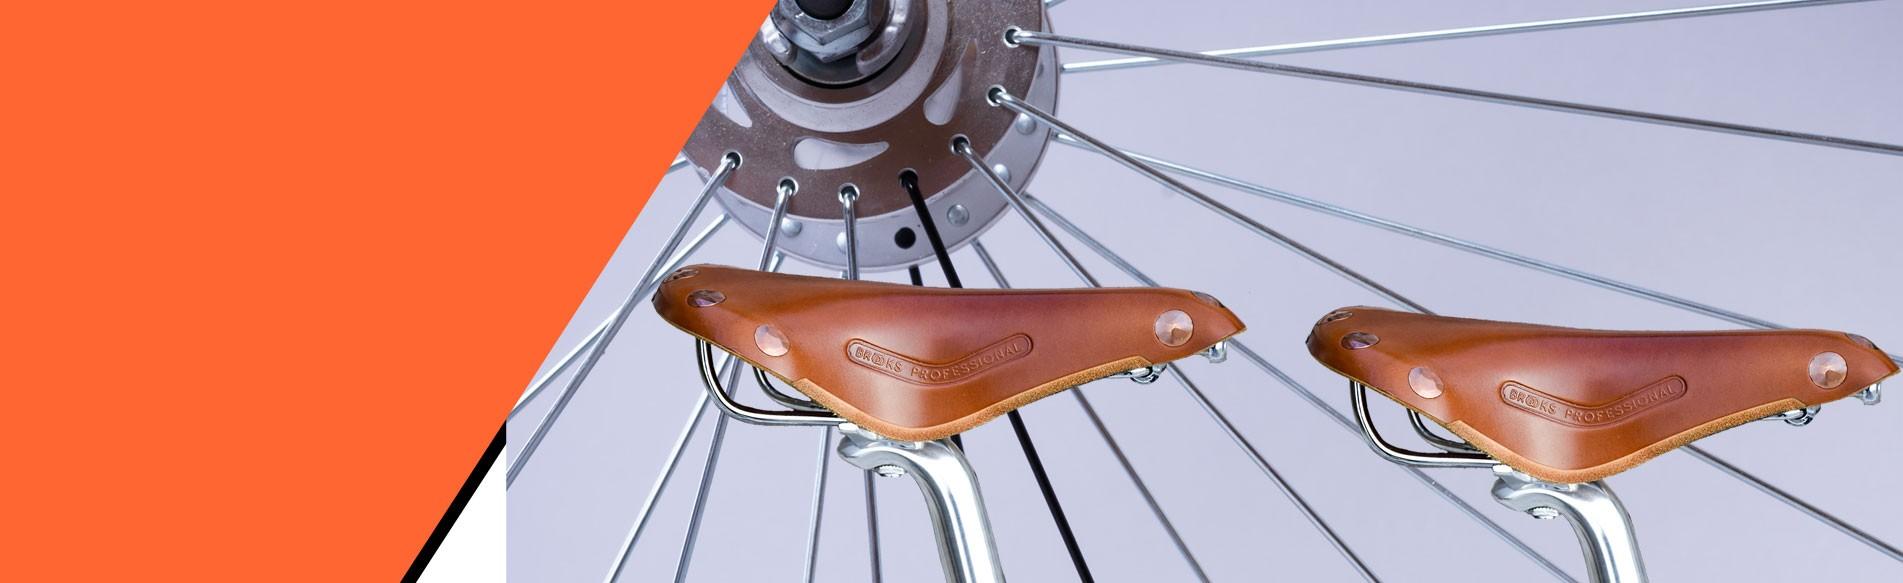 Tendem biciklik